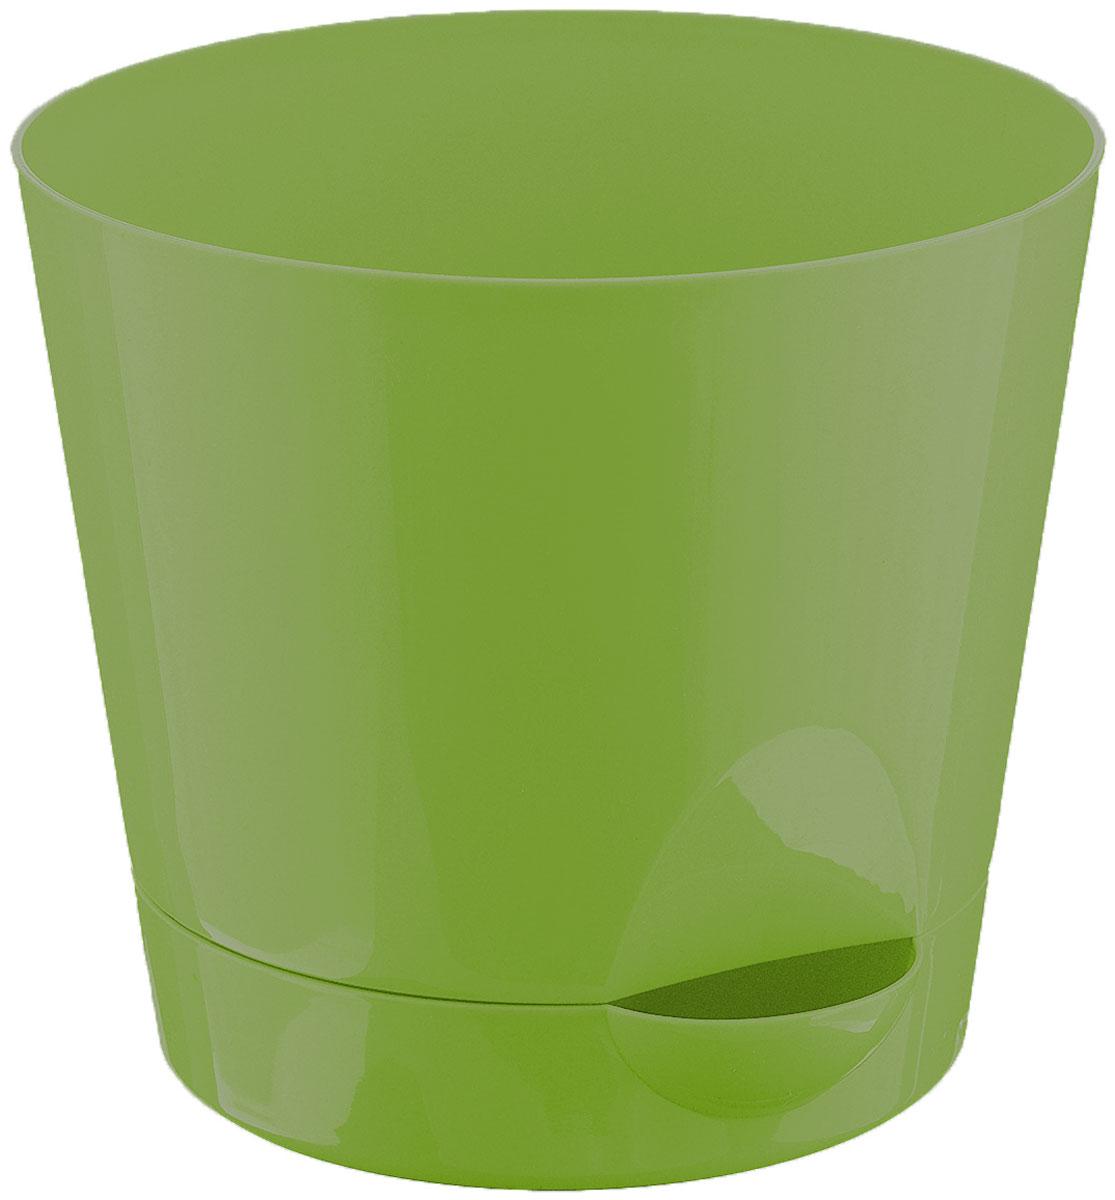 Кашпо Idea Ника, с прикорневым поливом, с поддоном, цвет: ярко-зеленый, 2,7 лING1559РЗПЕРЛКашпо Idea Ника изготовлено из высококачественного полипропилена (пластика). В комплект входит поддон со специальной выемкой, благодаря которому имеется возможность прикорневого полива. Изделие подходит для выращивания растений и цветов в домашних условиях. Стильная яркая картинка сделает такое кашпо прекрасным дополнением интерьера. Объем горшка: 2,7 л. Диаметр горшка (по верхнему краю): 18 см. Высота горшка: 16,5 см. Диаметр подставки: 15 см.